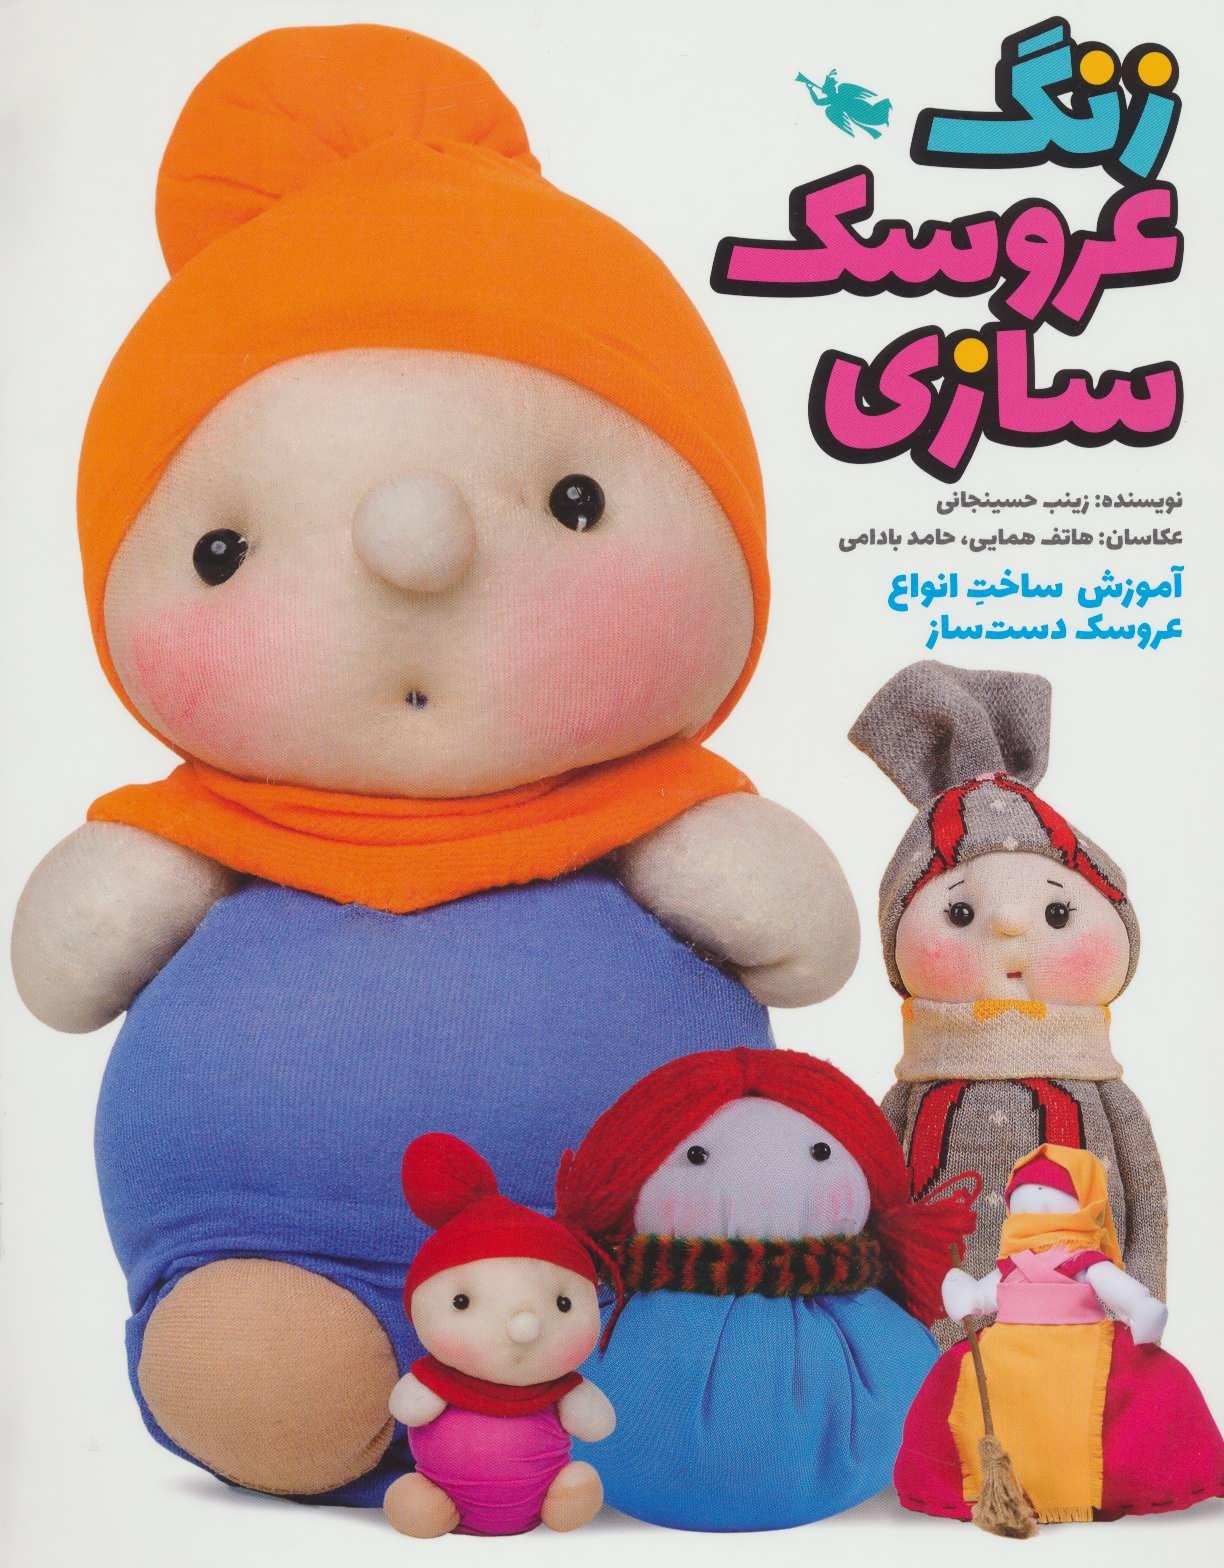 زنگ عروسک سازی (آموزش ساخت انواع عروسک دست ساز)،(گلاسه)